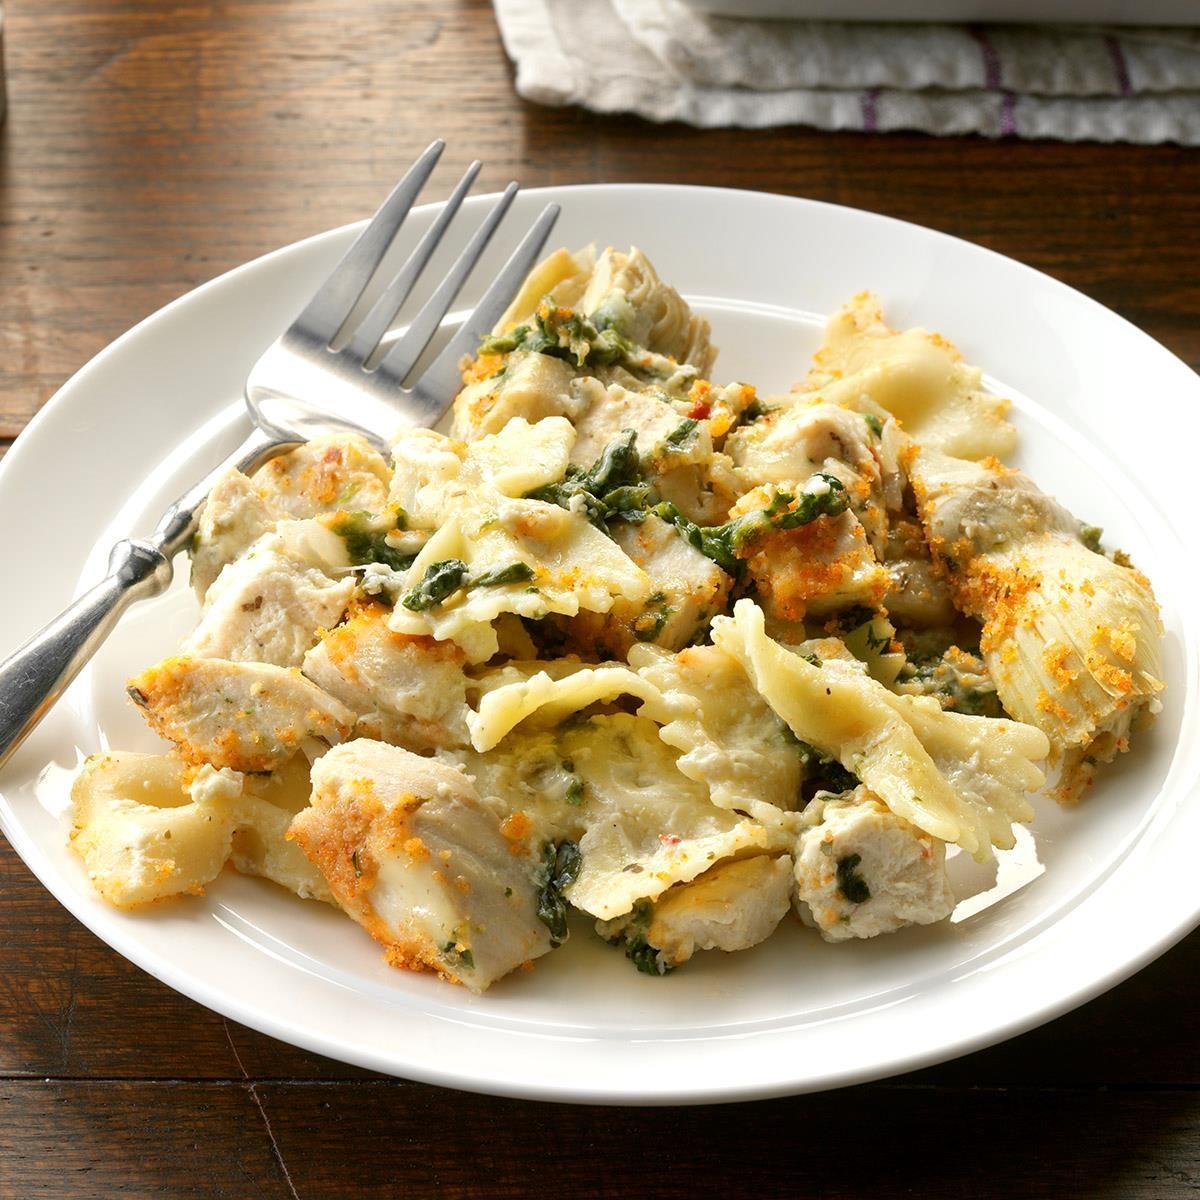 Artichoke & Spinach Chicken Casserole Recipe